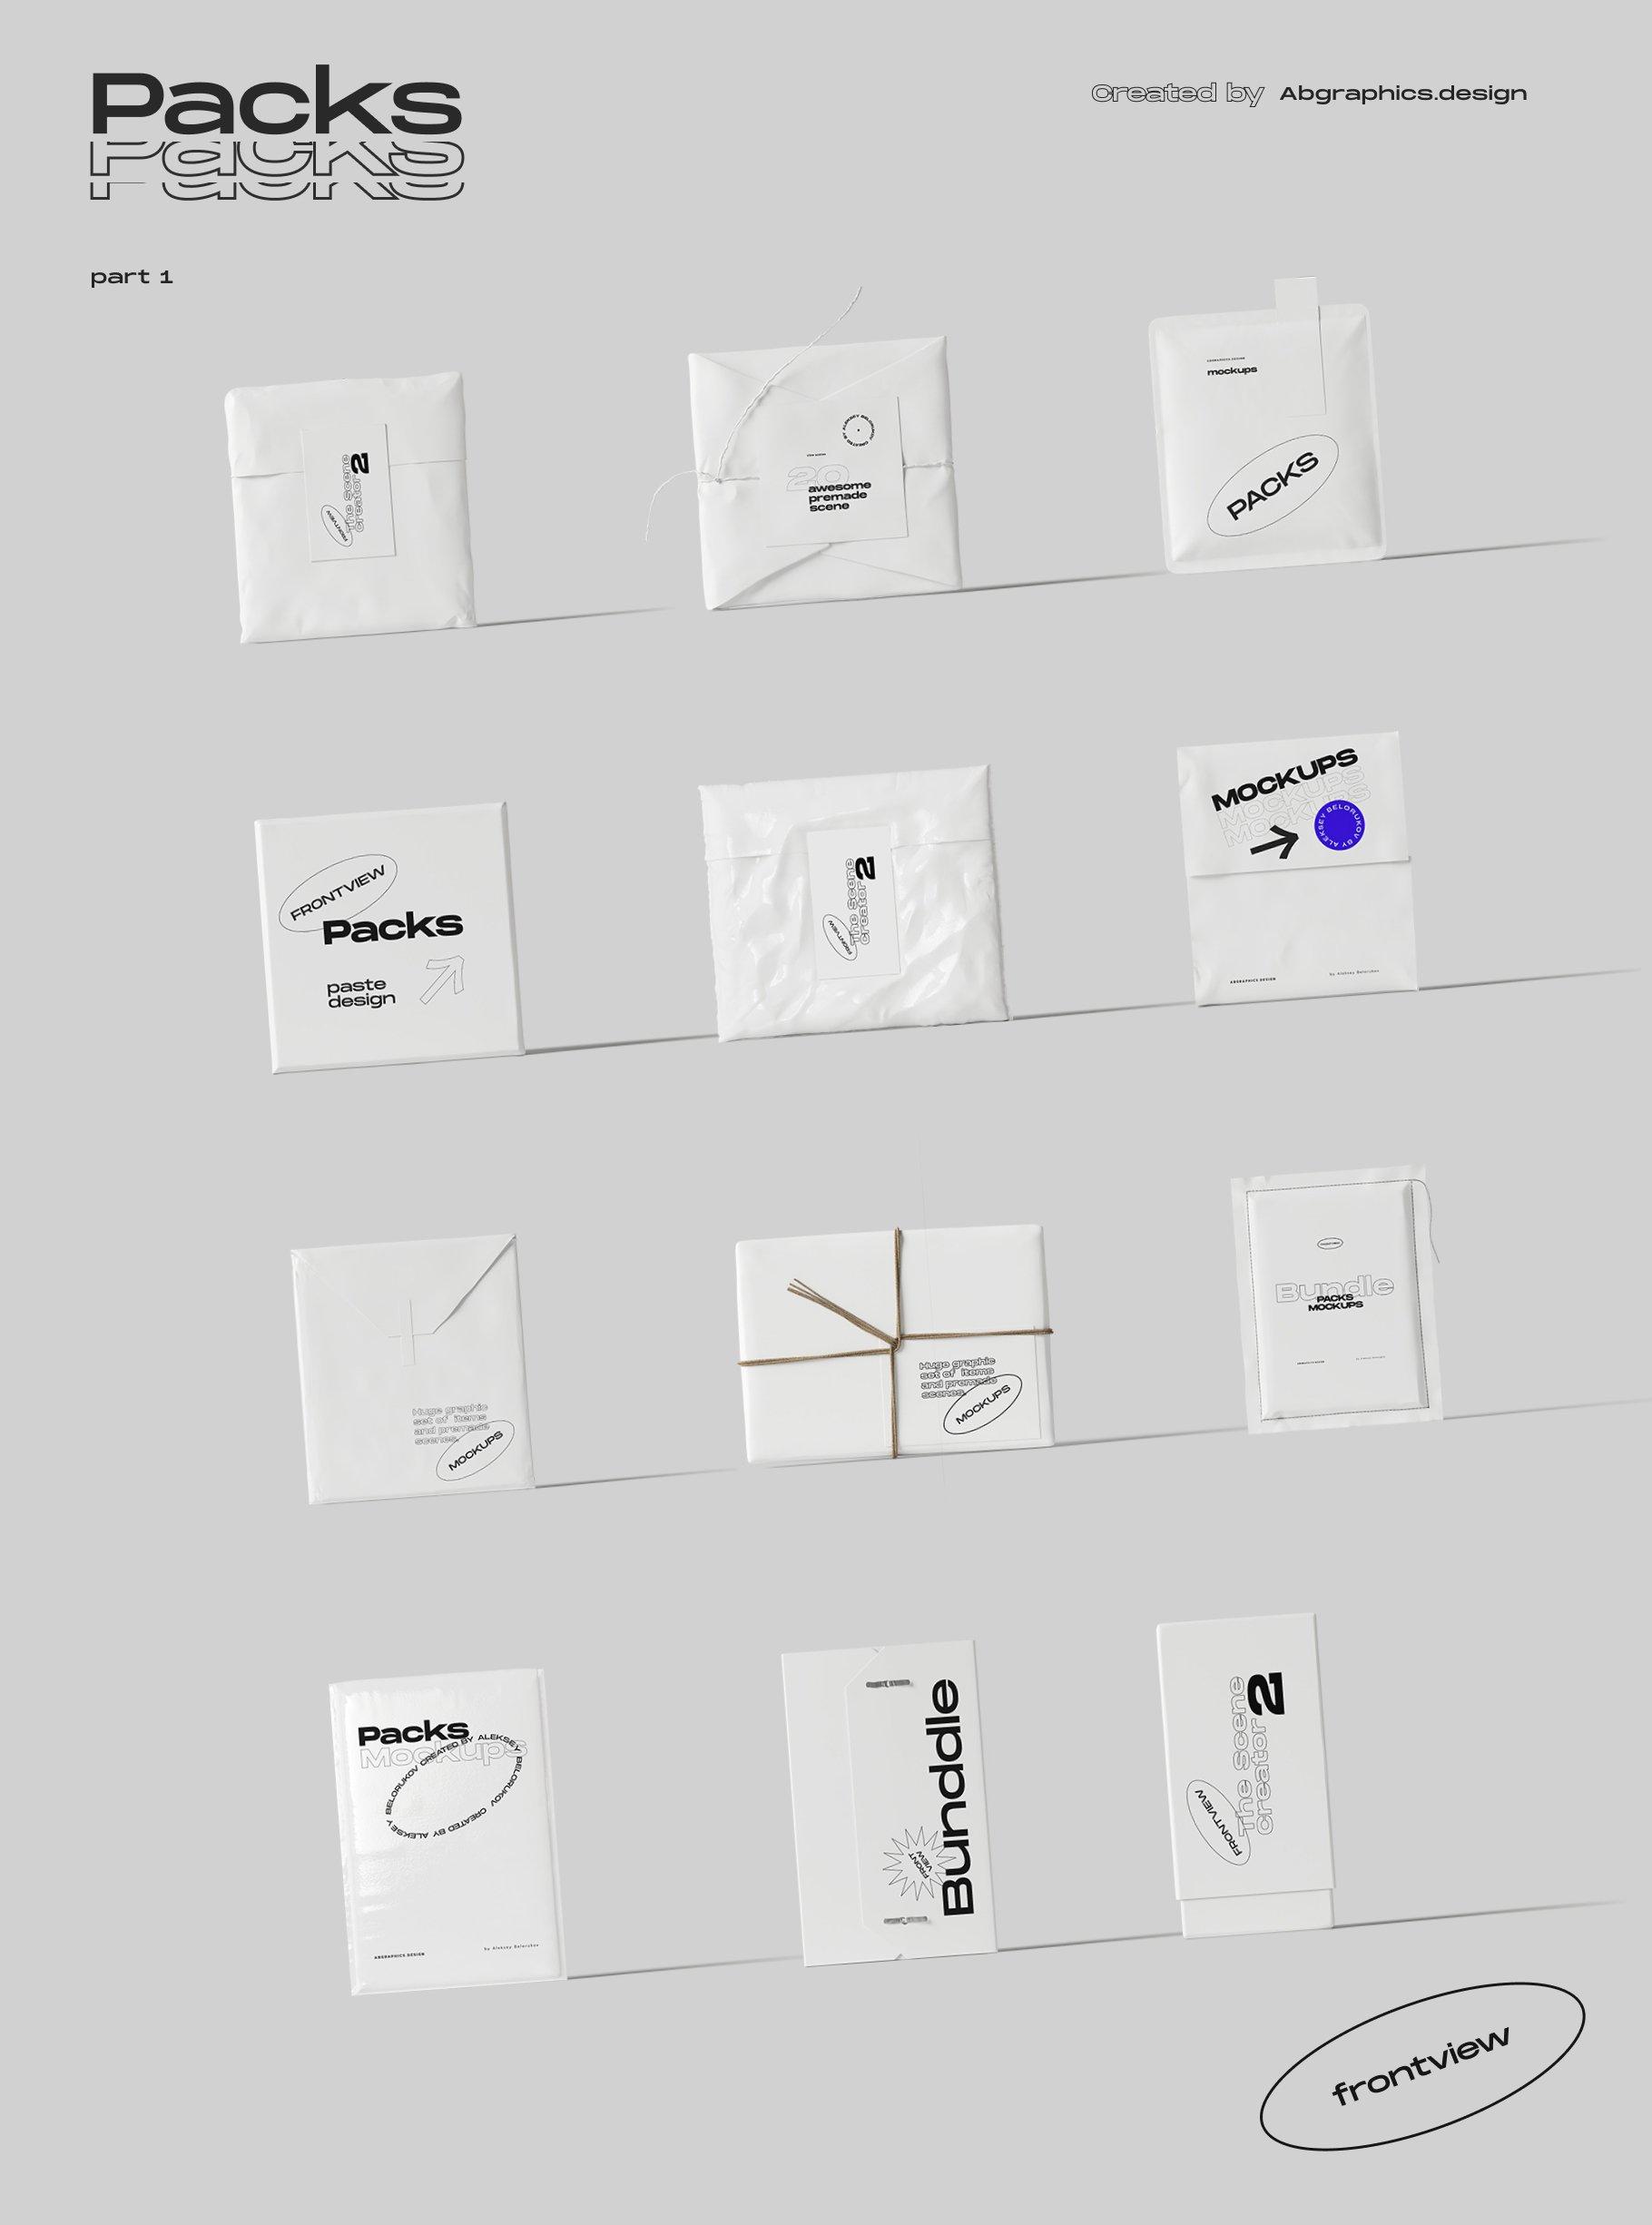 [淘宝购买] 超大品牌VI包装设计PS智能贴图样机模板素材 The Scene Creator 2 / Frontview插图(27)